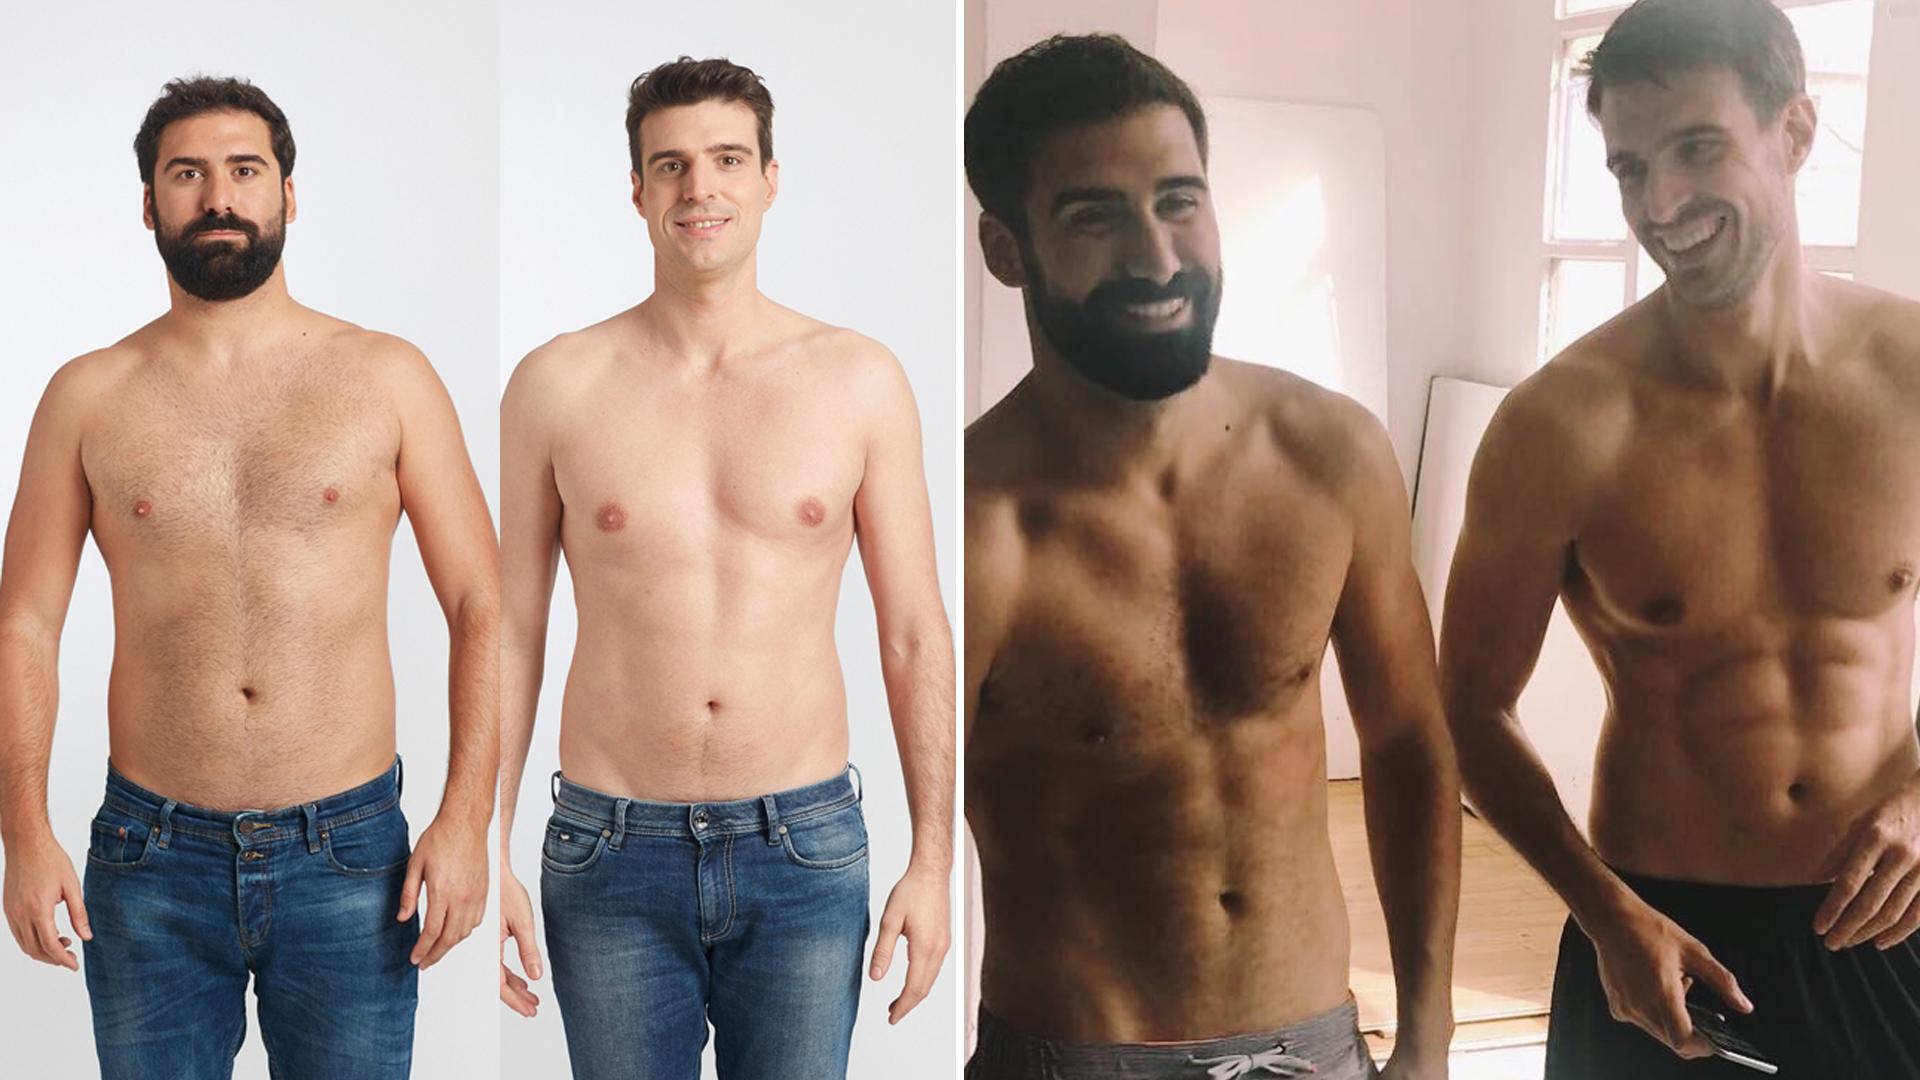 mejor plan de pérdida de peso para hombres mayores de 50 años